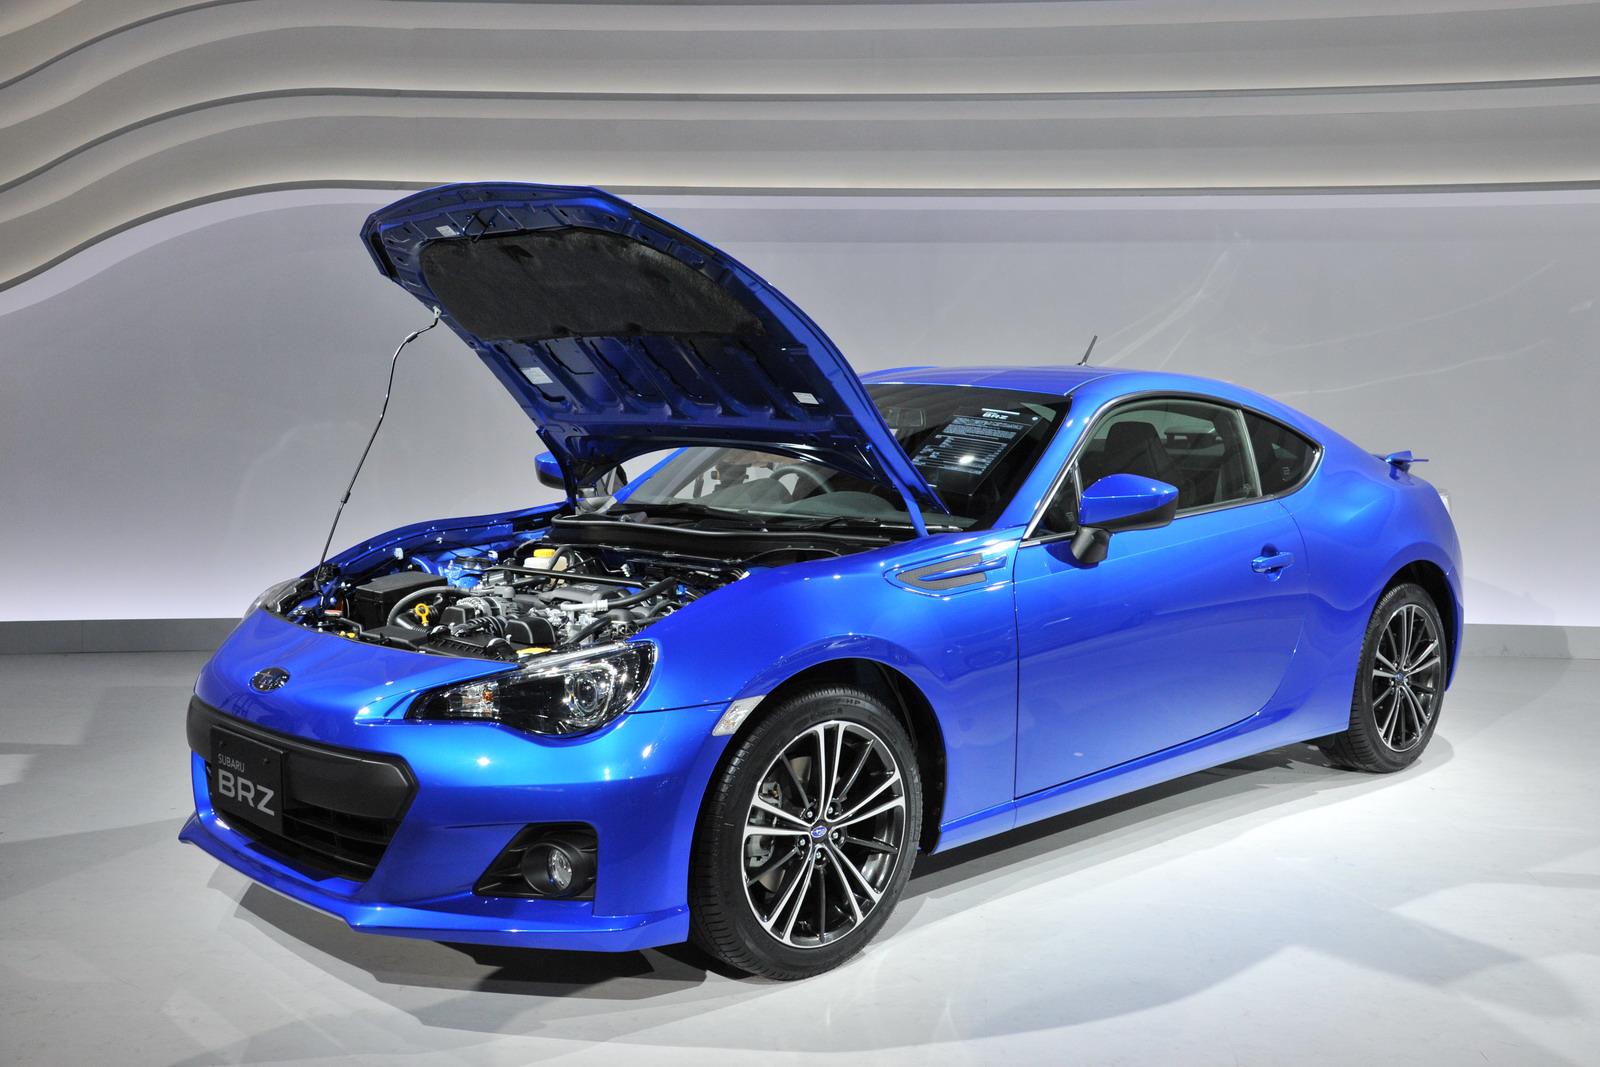 2013-Subaru-BRZ-Coupe-21.jpg?imgmax=1800